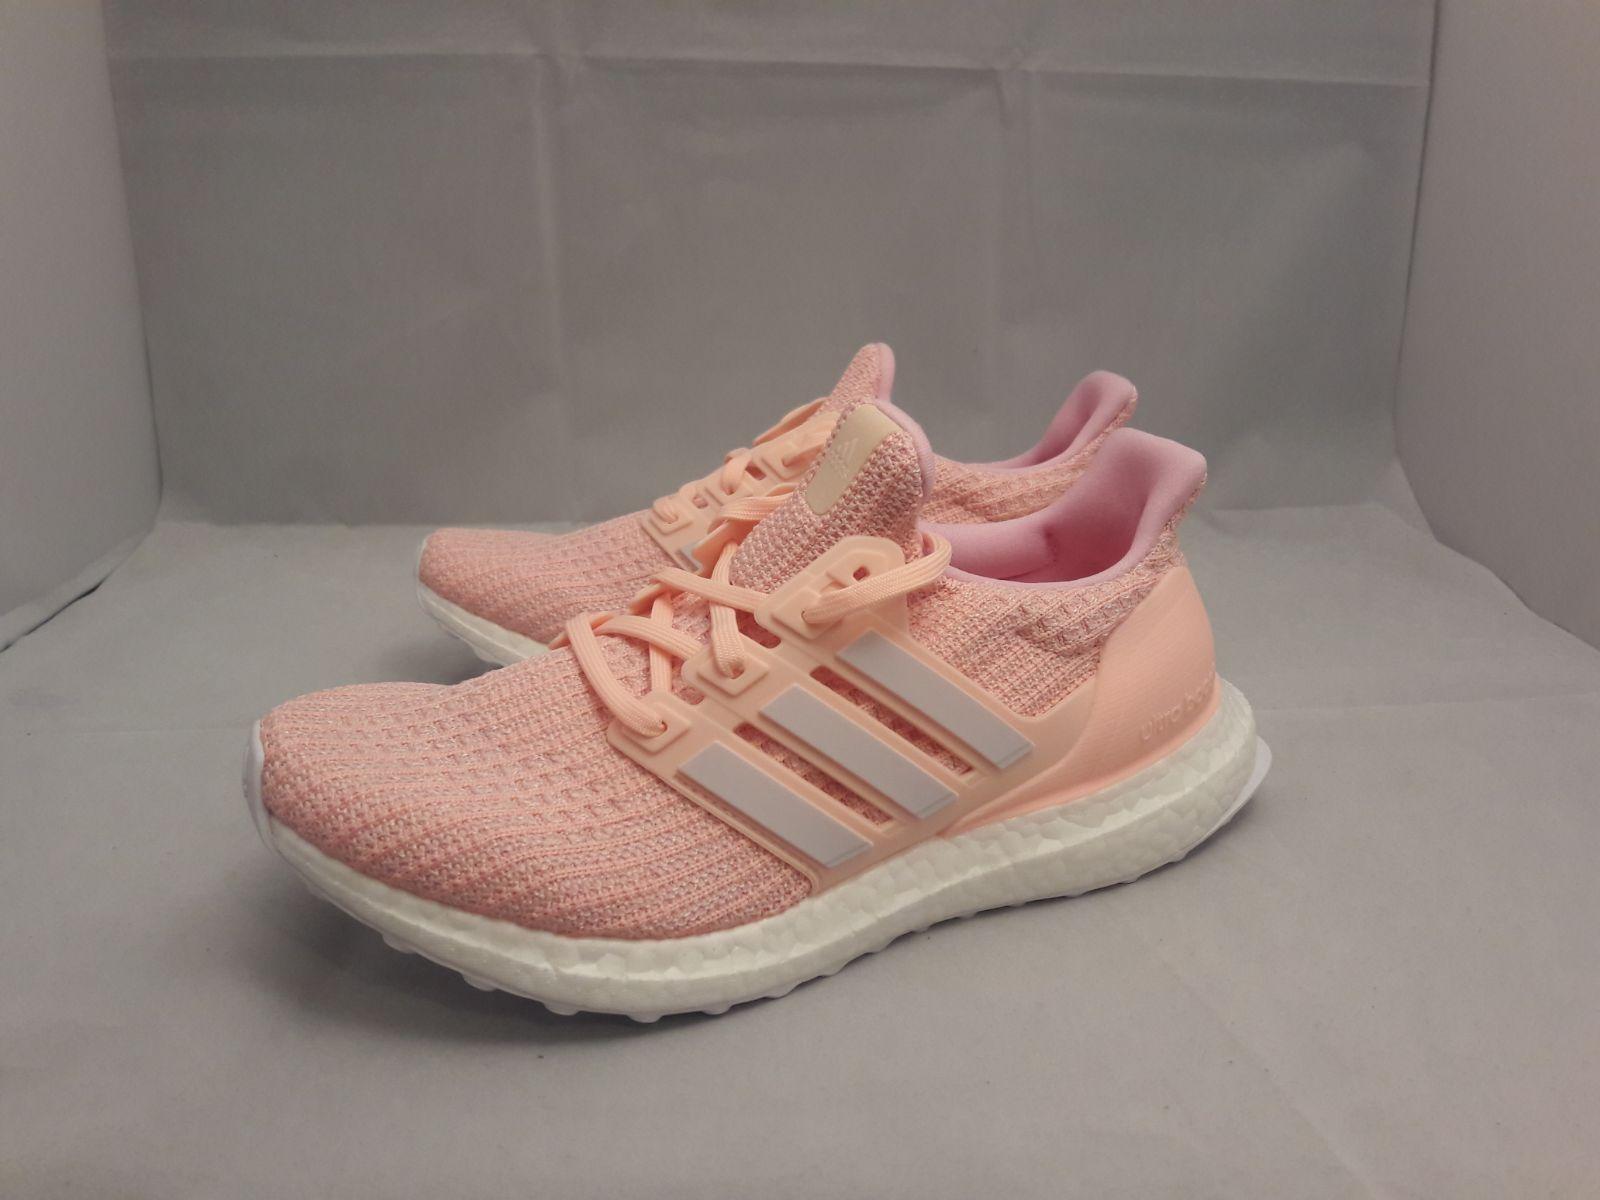 Adidas women, Adidas ultra boost, Adidas